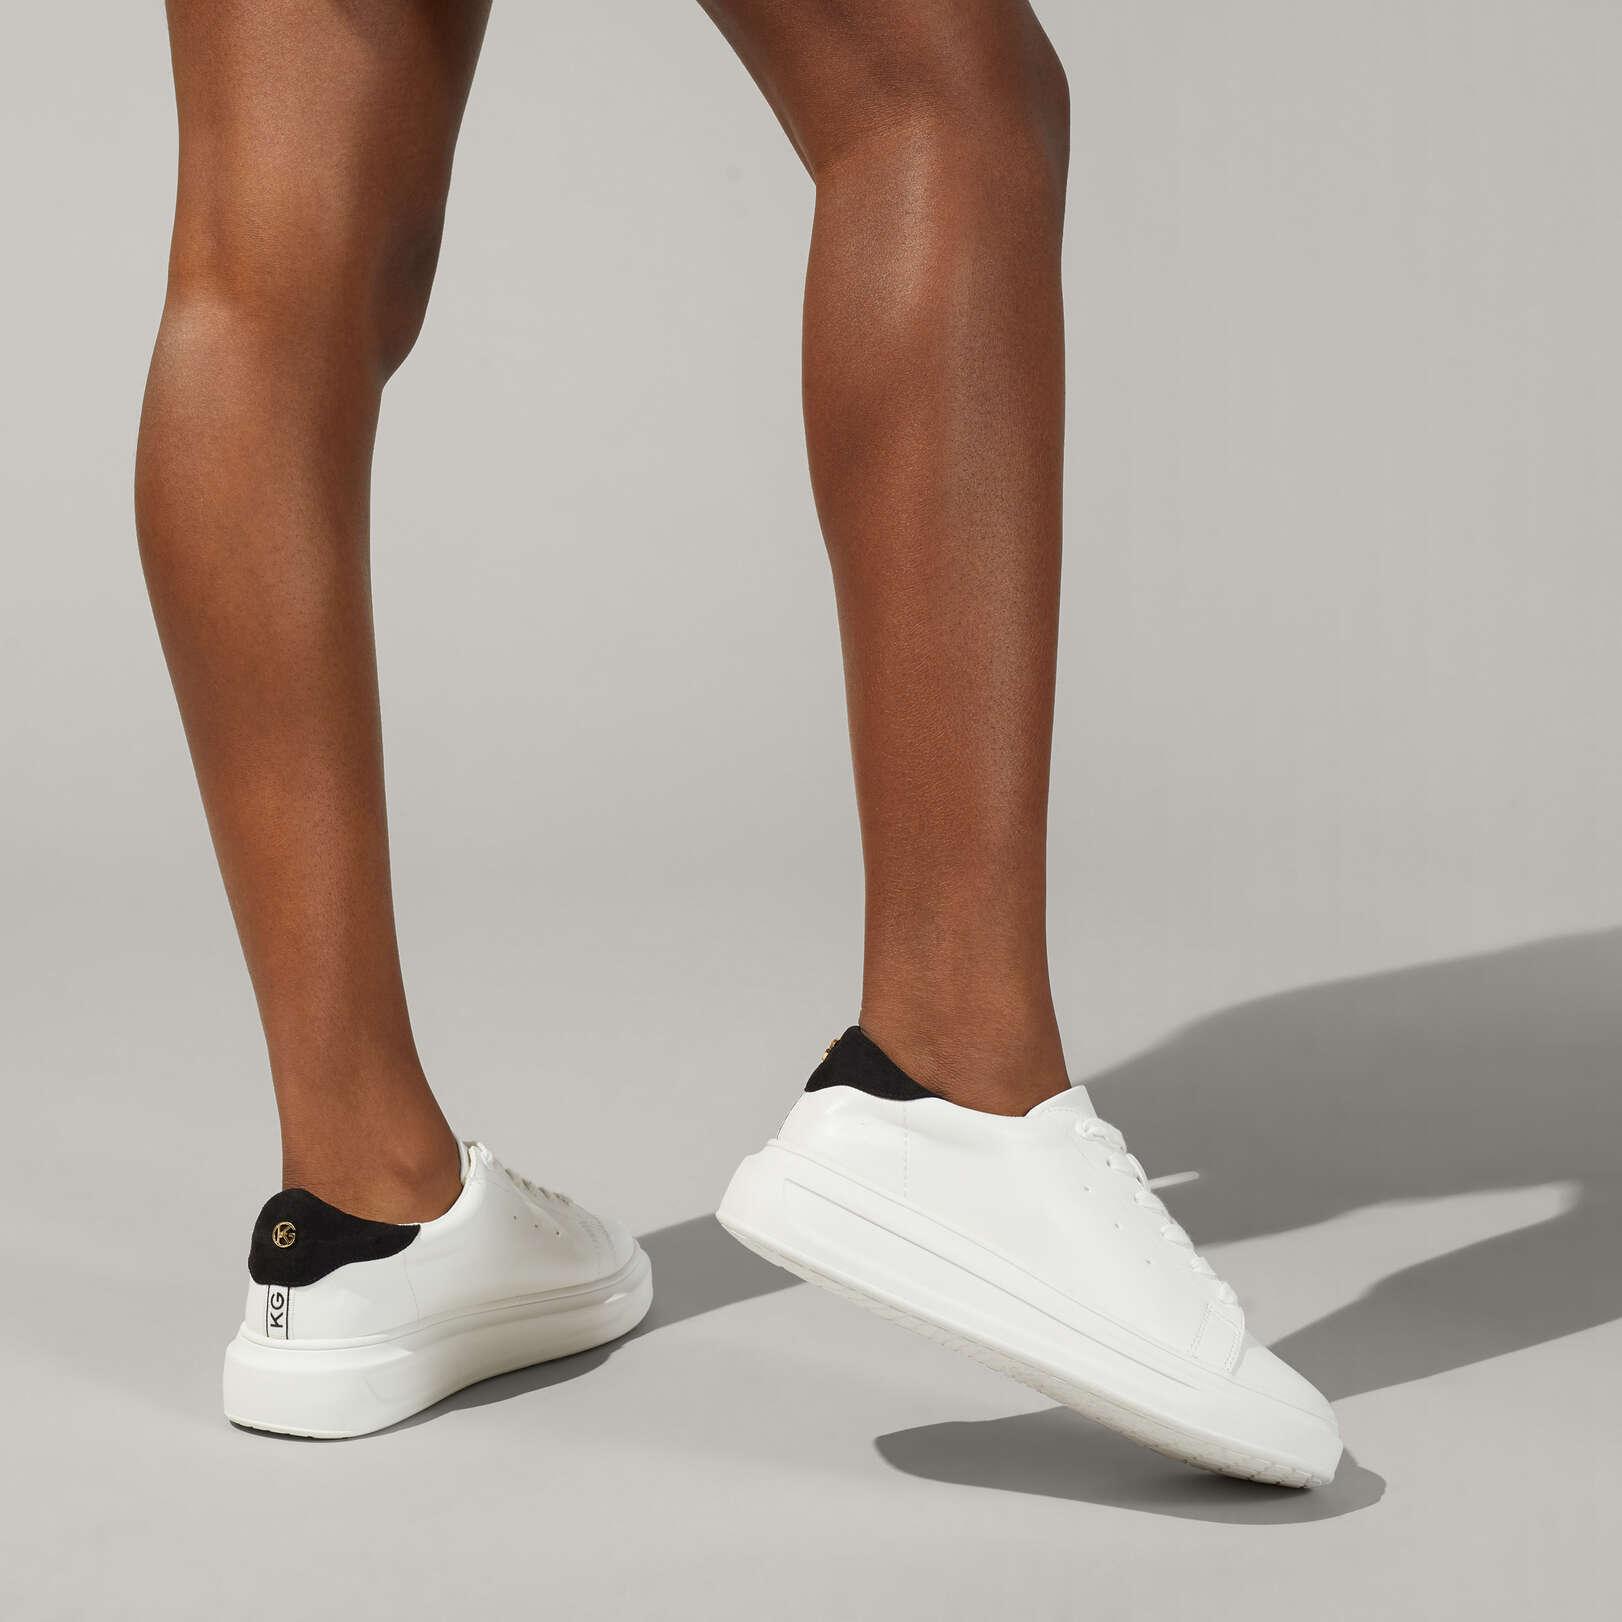 LUCKY - KG KURT GEIGER Sneakers